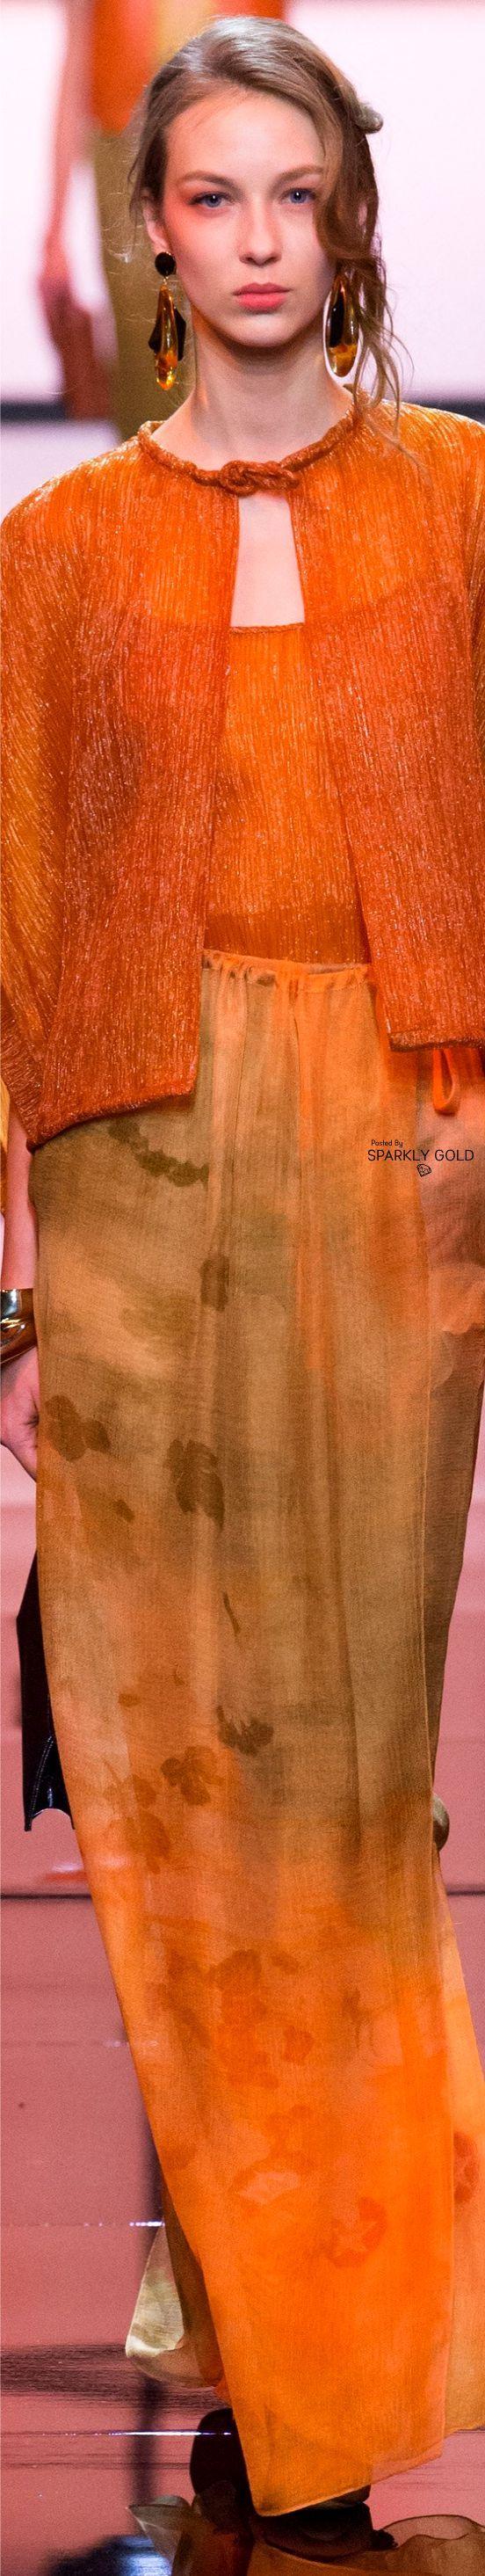 www.2locos.com  Armani Privé Spring 2017 Couture